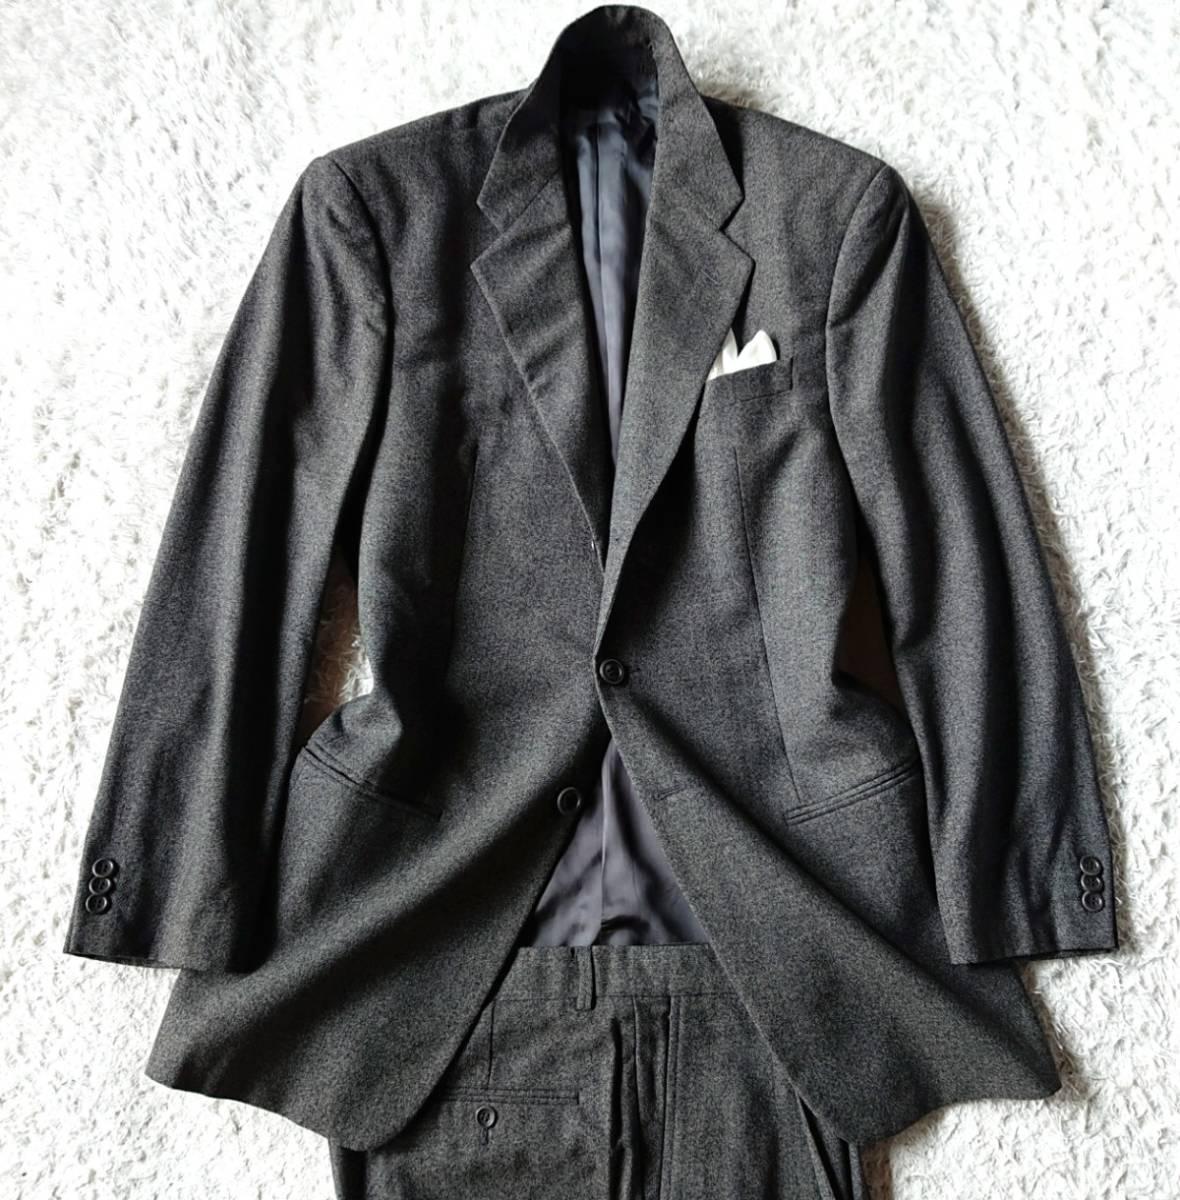 最高級ビジネスライン 極上ヴァージンウール100% 柔らか高級な肌触★ アルマーニ コレツィオーニ スーツ セットアップ メンズ ダークグレー_画像2